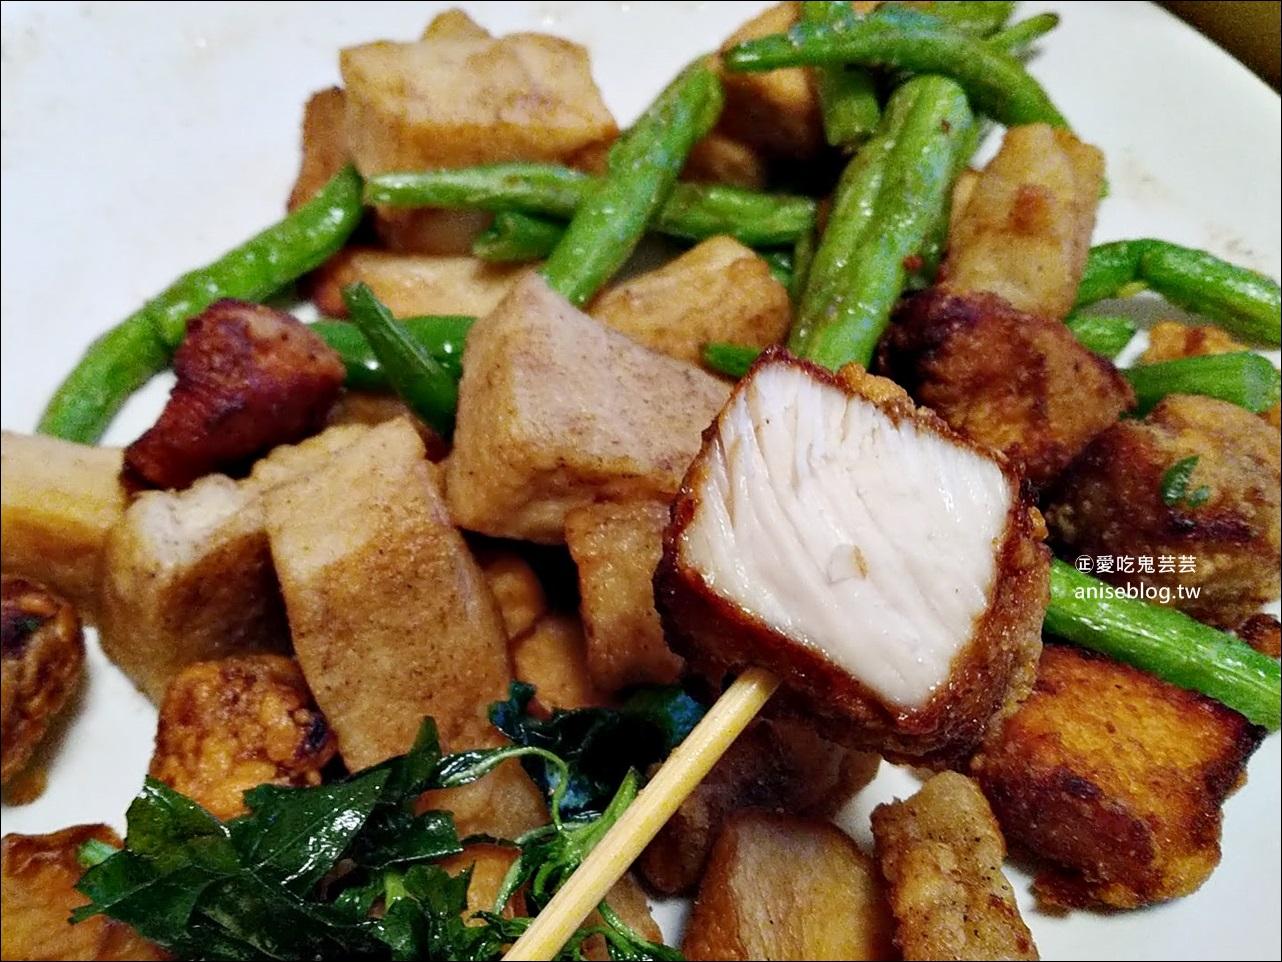 旺萊鹹酥雞,通化街臨江街夜市美食(姊姊食記)